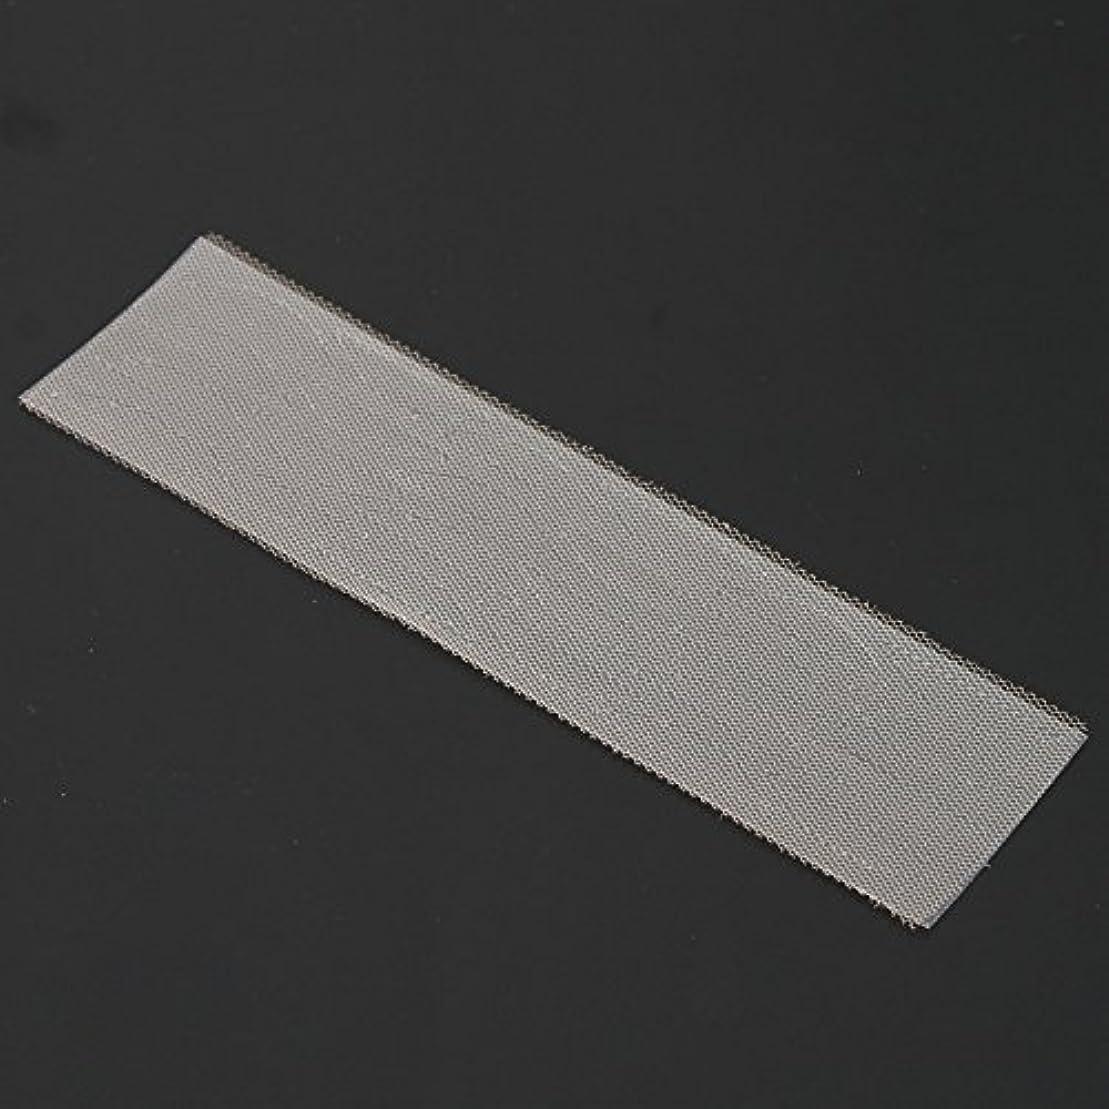 ネブやる飲み込むZhaozhe 二重まぶた用 アイリッドテープ 二重整形アイテープ レース 四枚(96個)